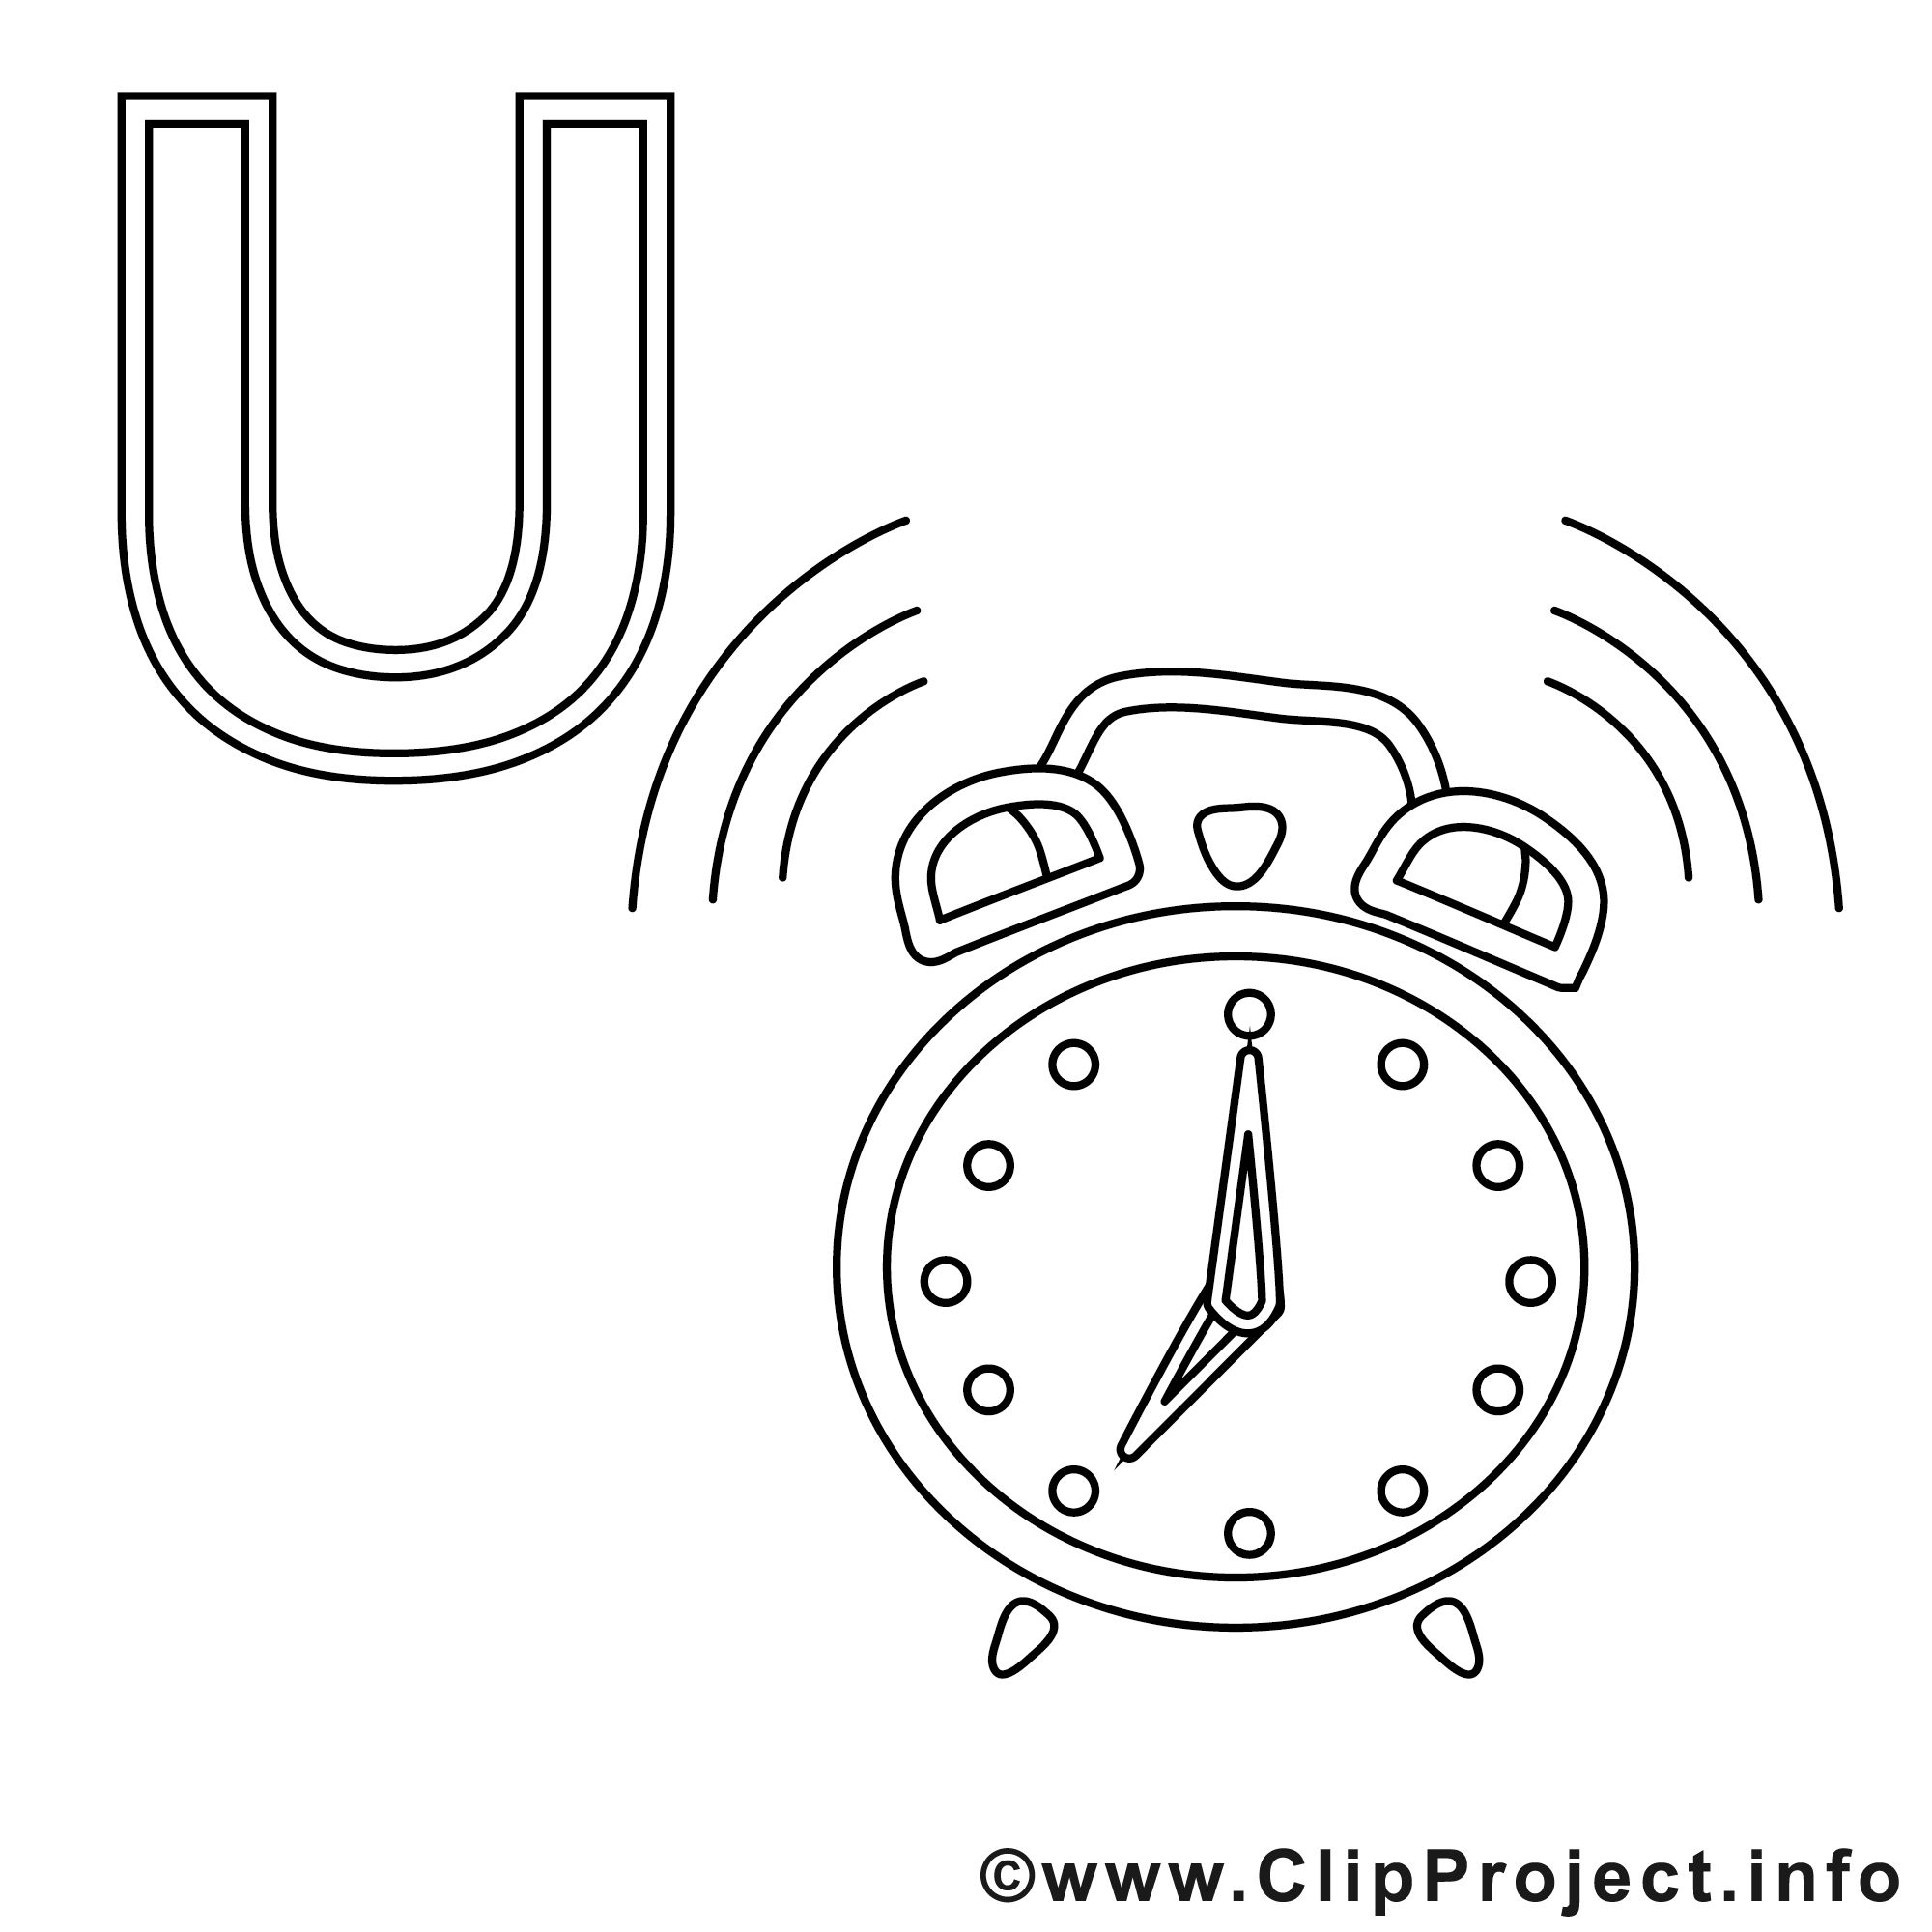 Uhr Ausmalbild Buchstaben 239 Malvorlage Uhr Ausmalbilder Kostenlos Uhr Ausmalbild Buchstaben Zum Ausdrucken